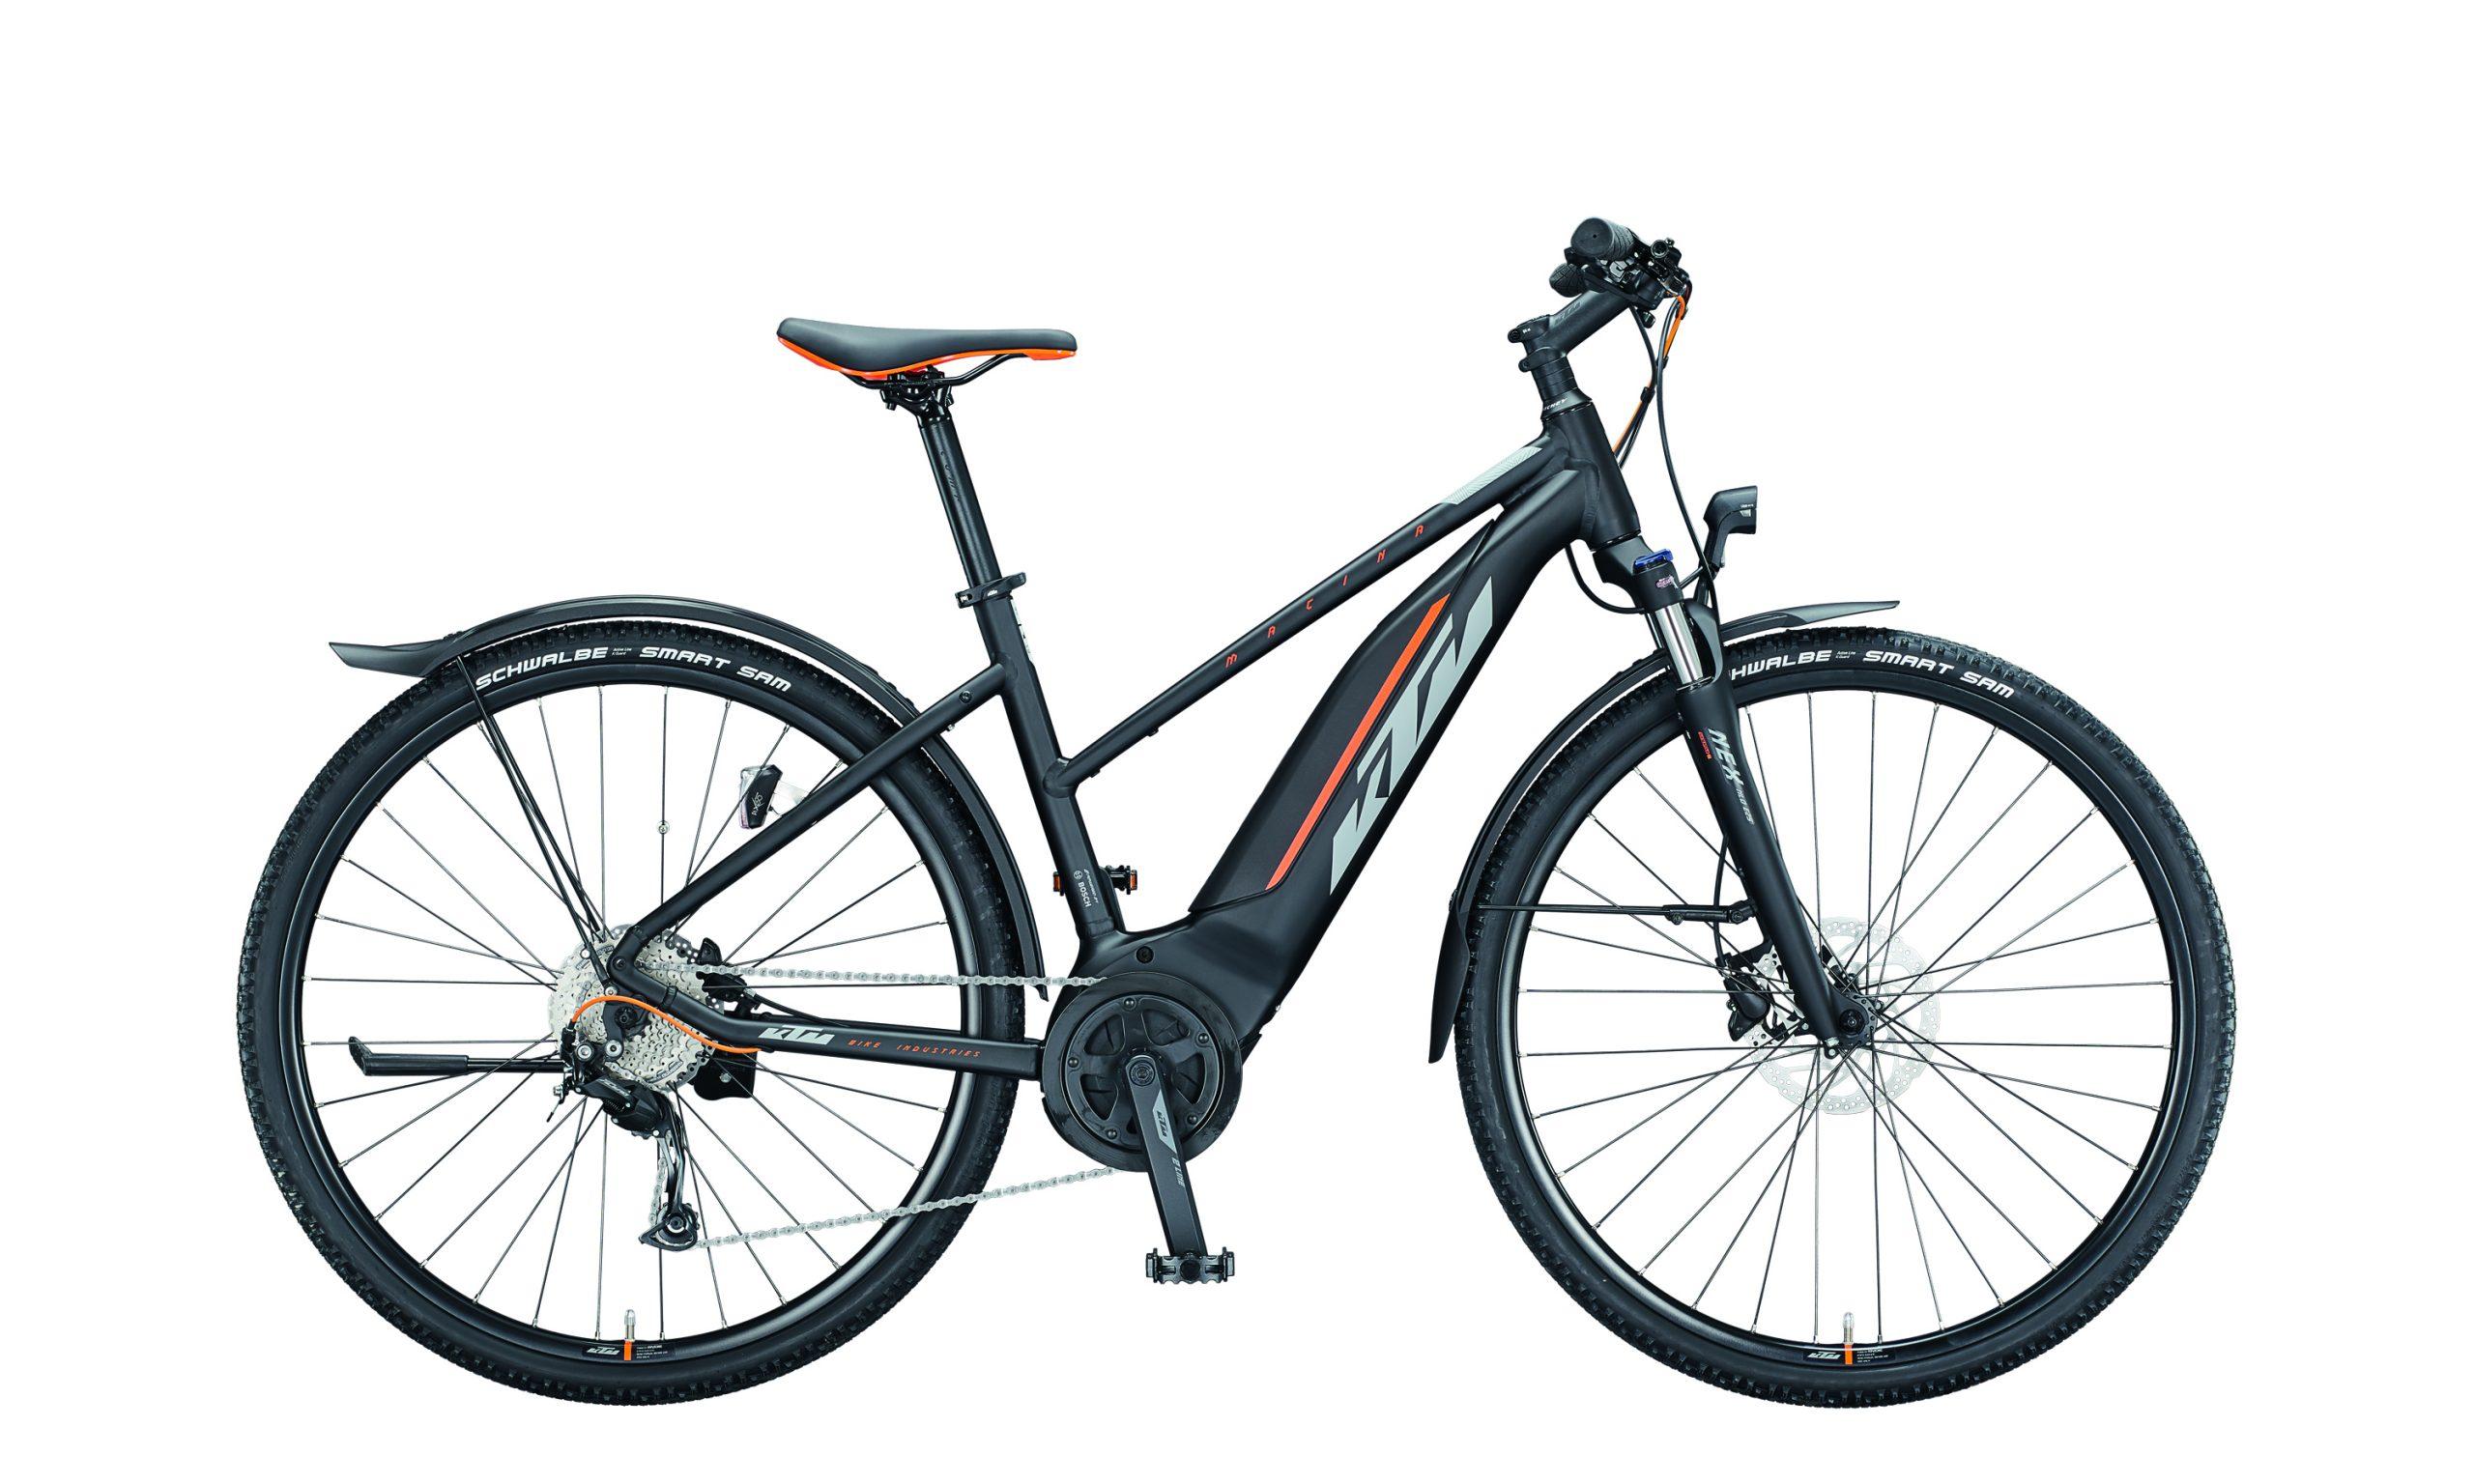 KTM E-Bike - MACINA CROSS P510 Street